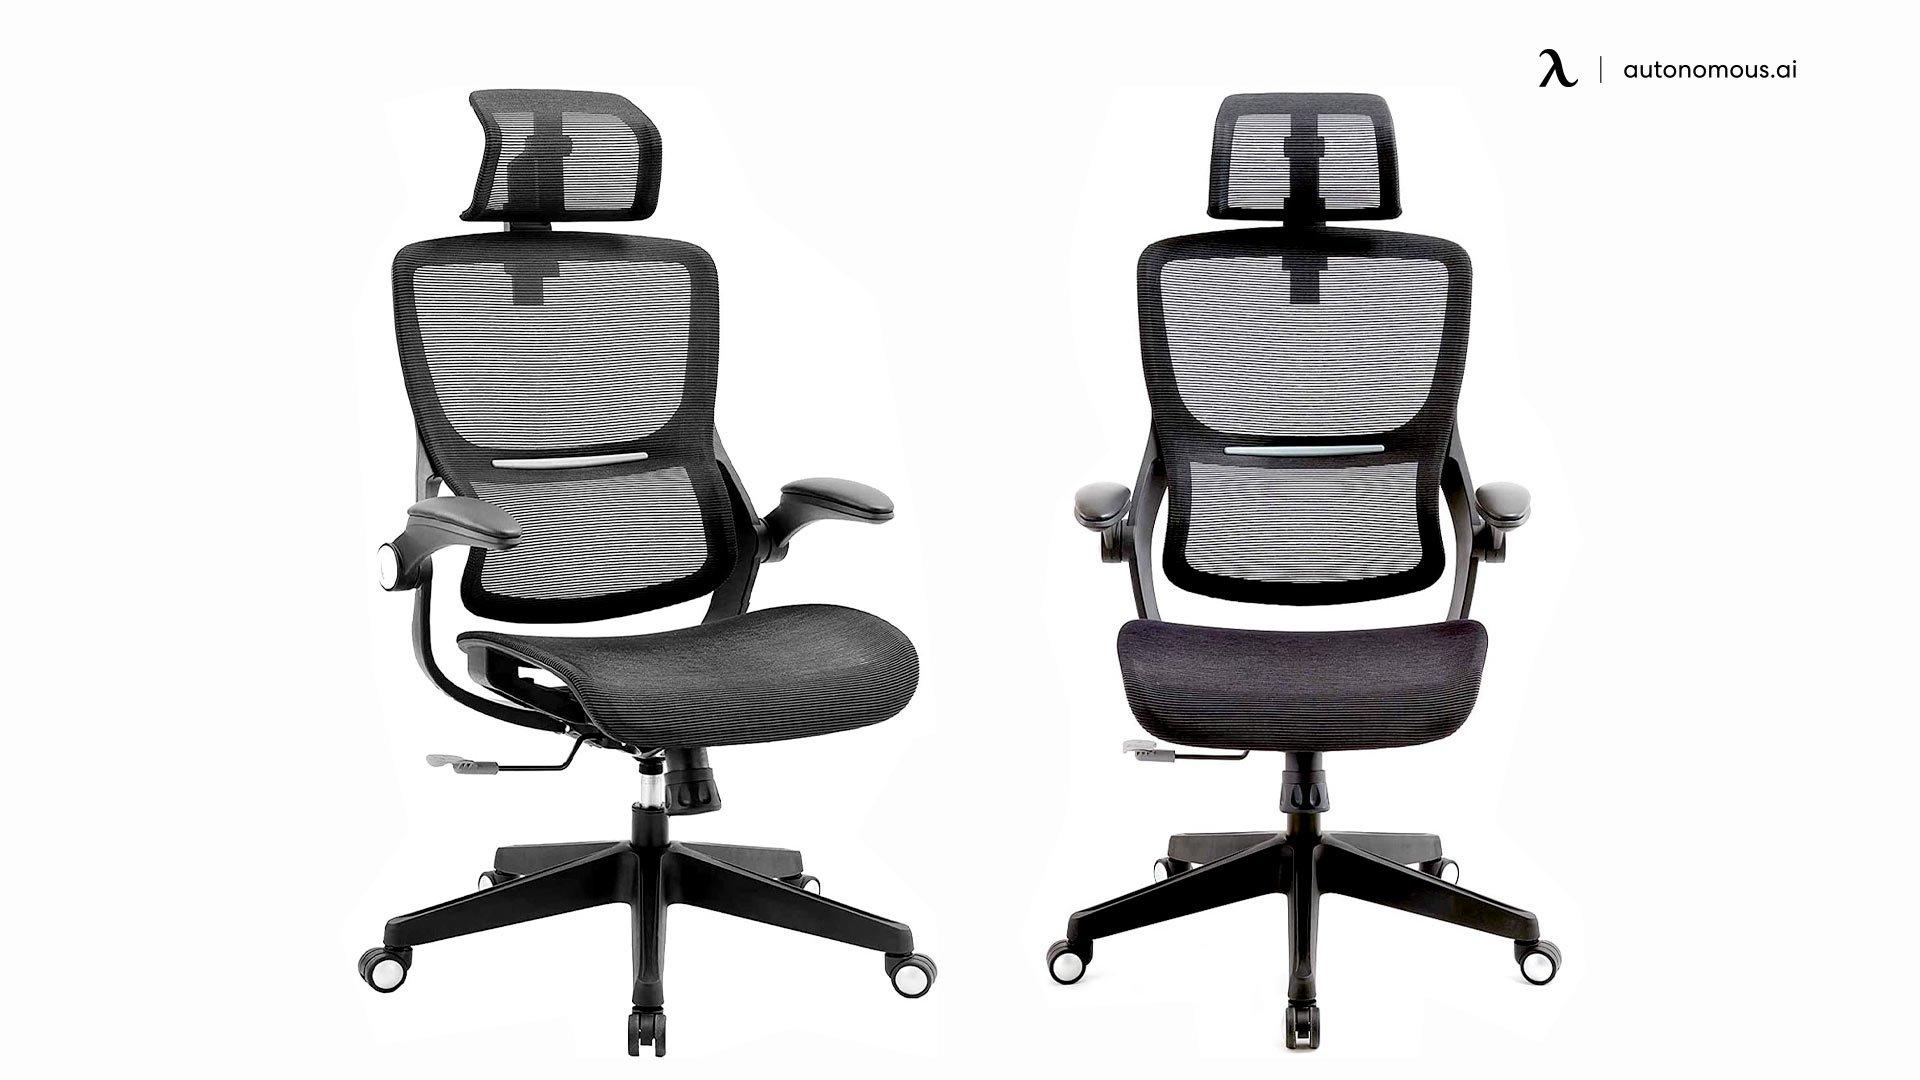 SAMOFU Ergonomic Chair